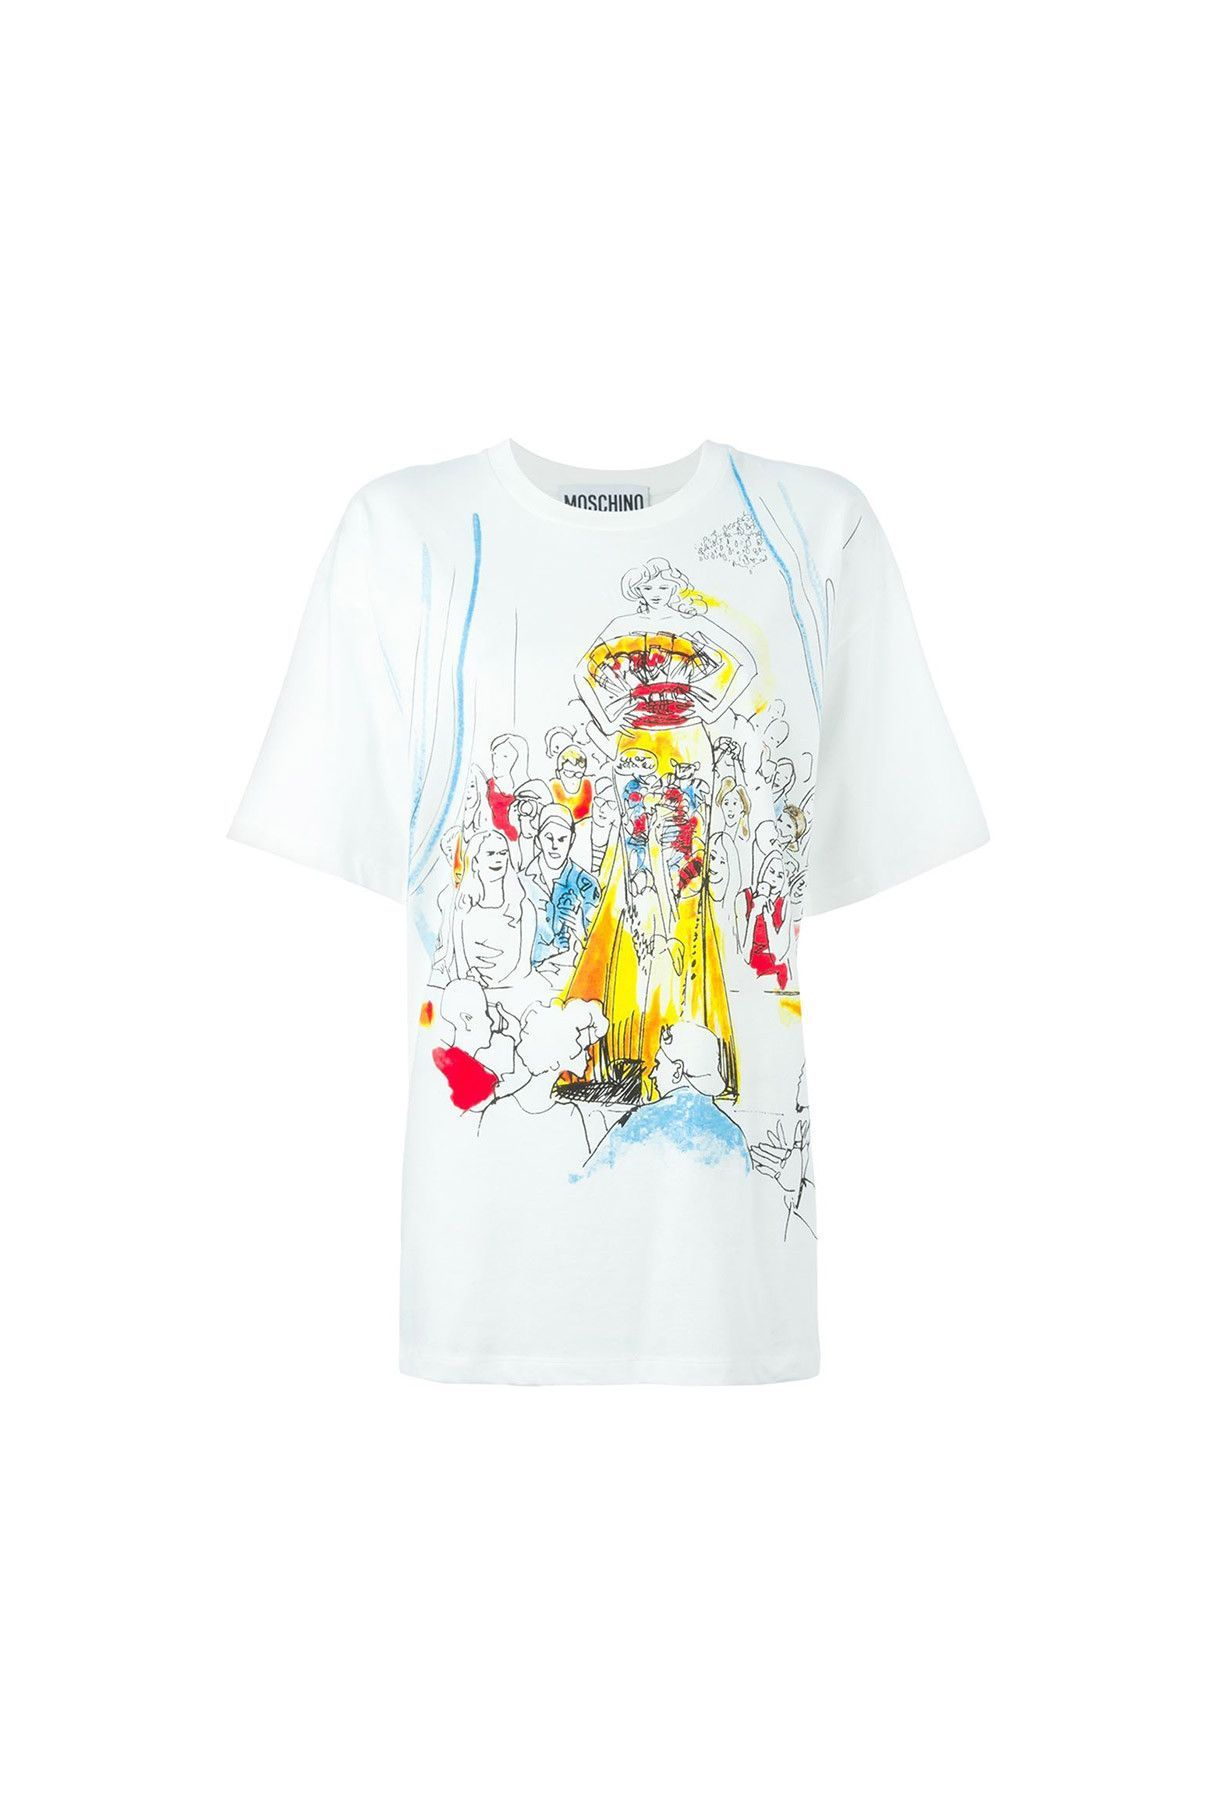 {Moschino / 01 clothing / 04 knitwear / 01 t-shirt} Fashion Show T-Shirt